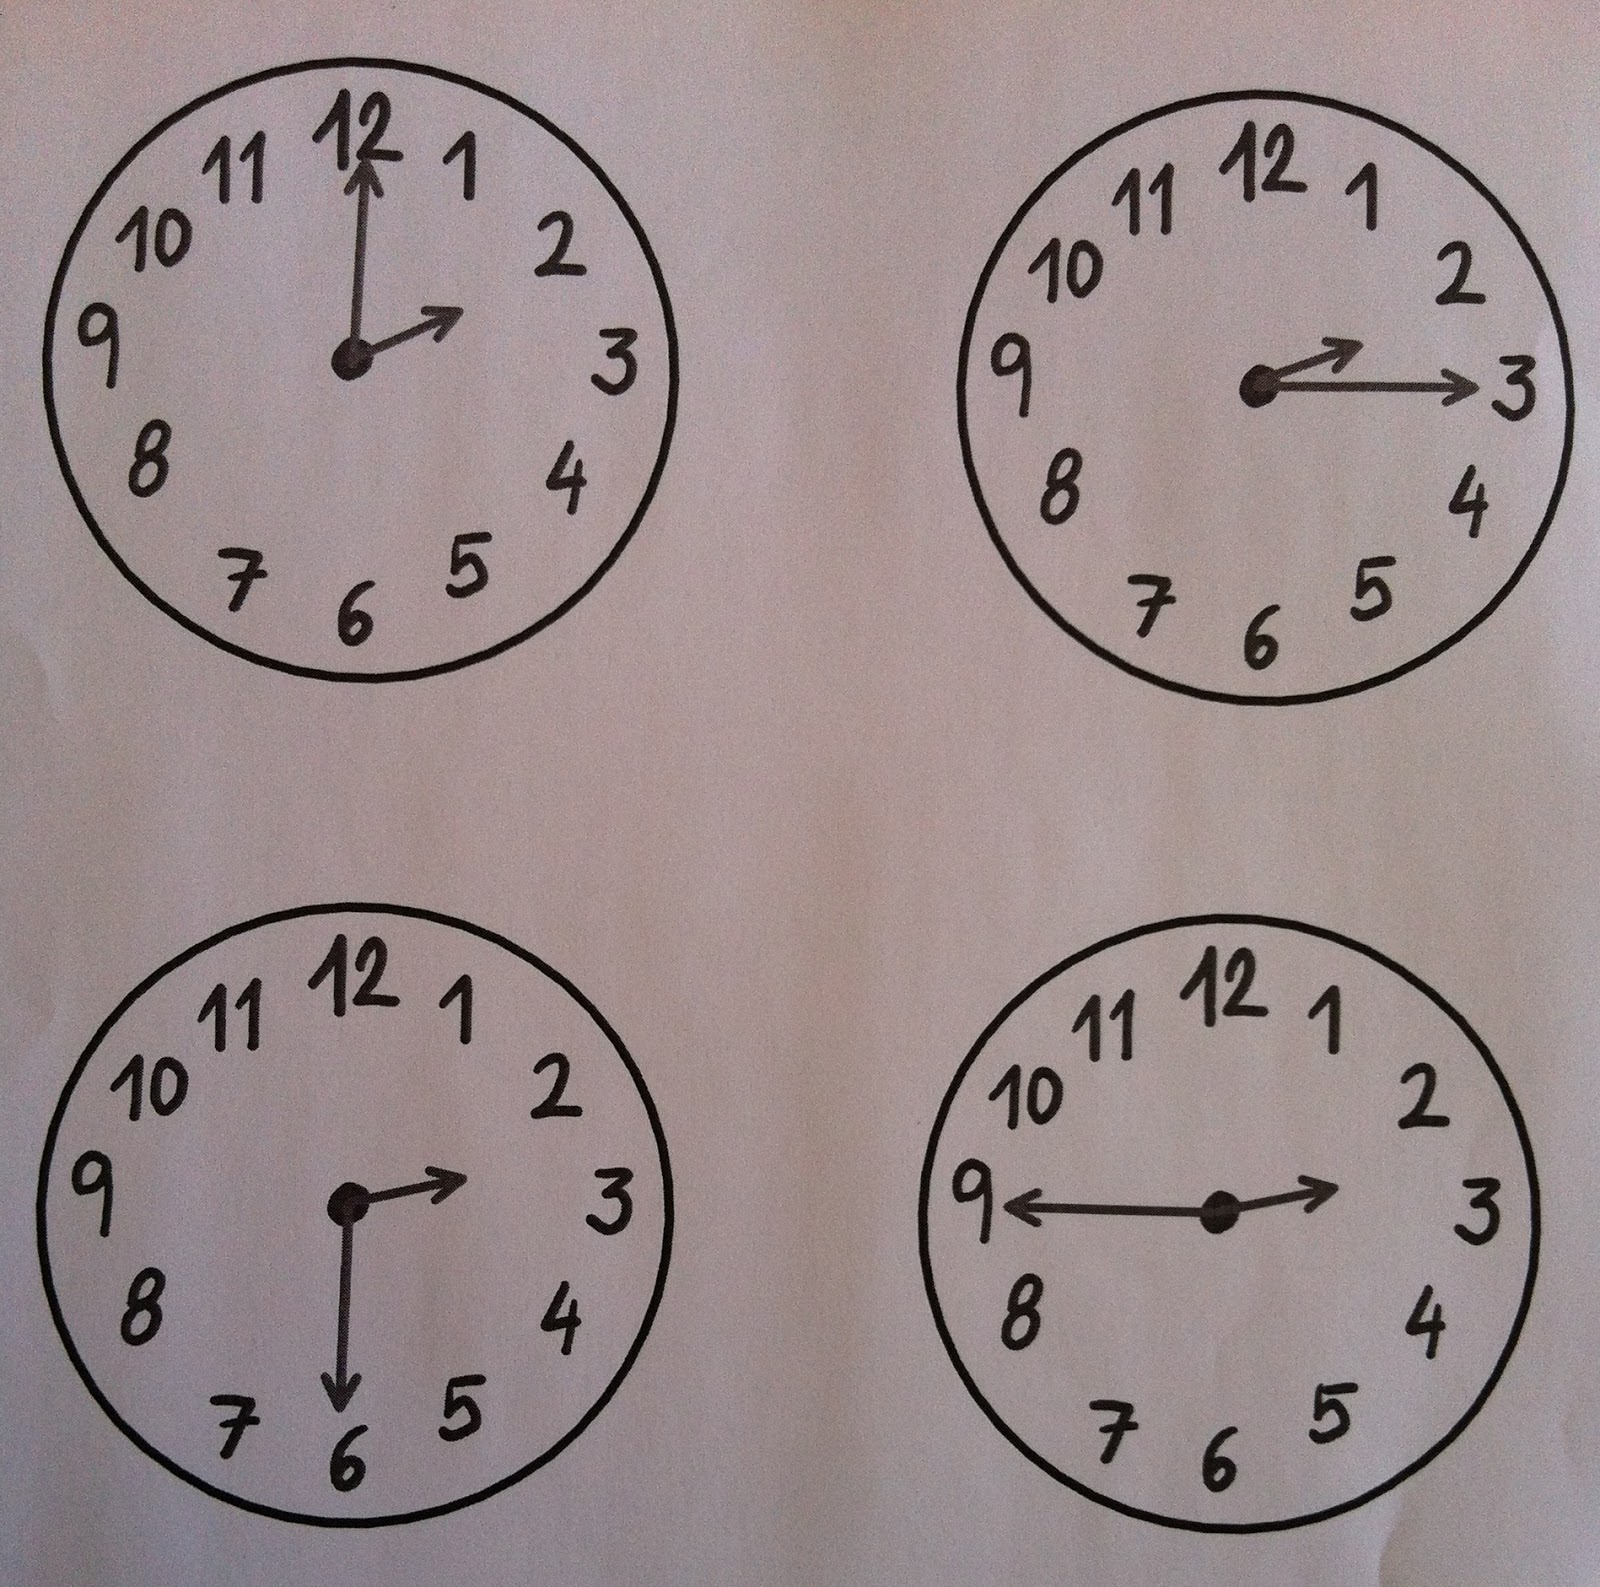 Reloj analogo para colorear imagui - Mecanismo para reloj de pared ...